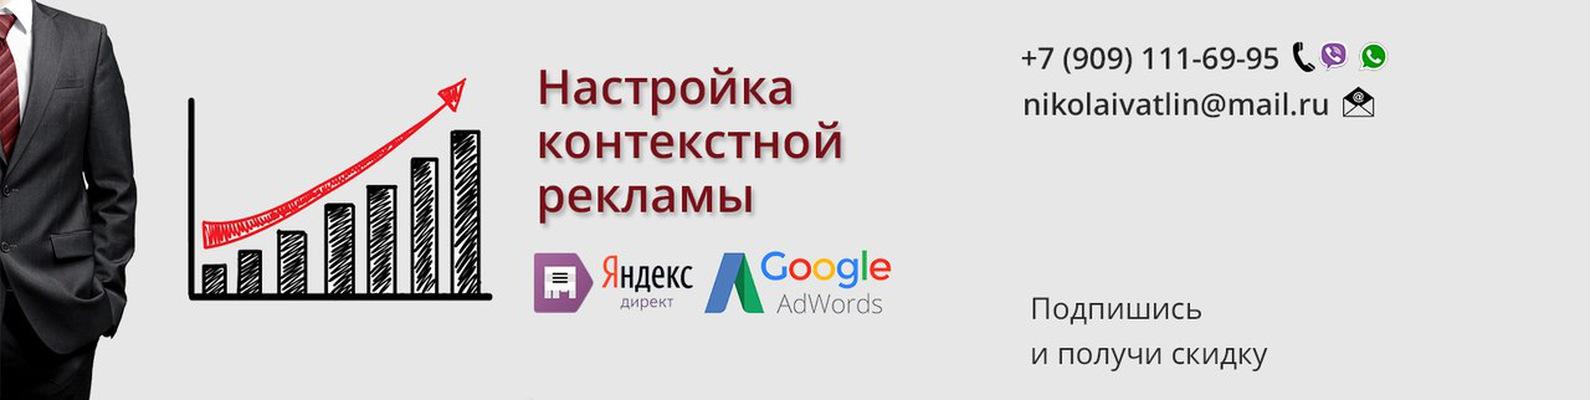 Контекстная реклама яндекс в беларуси